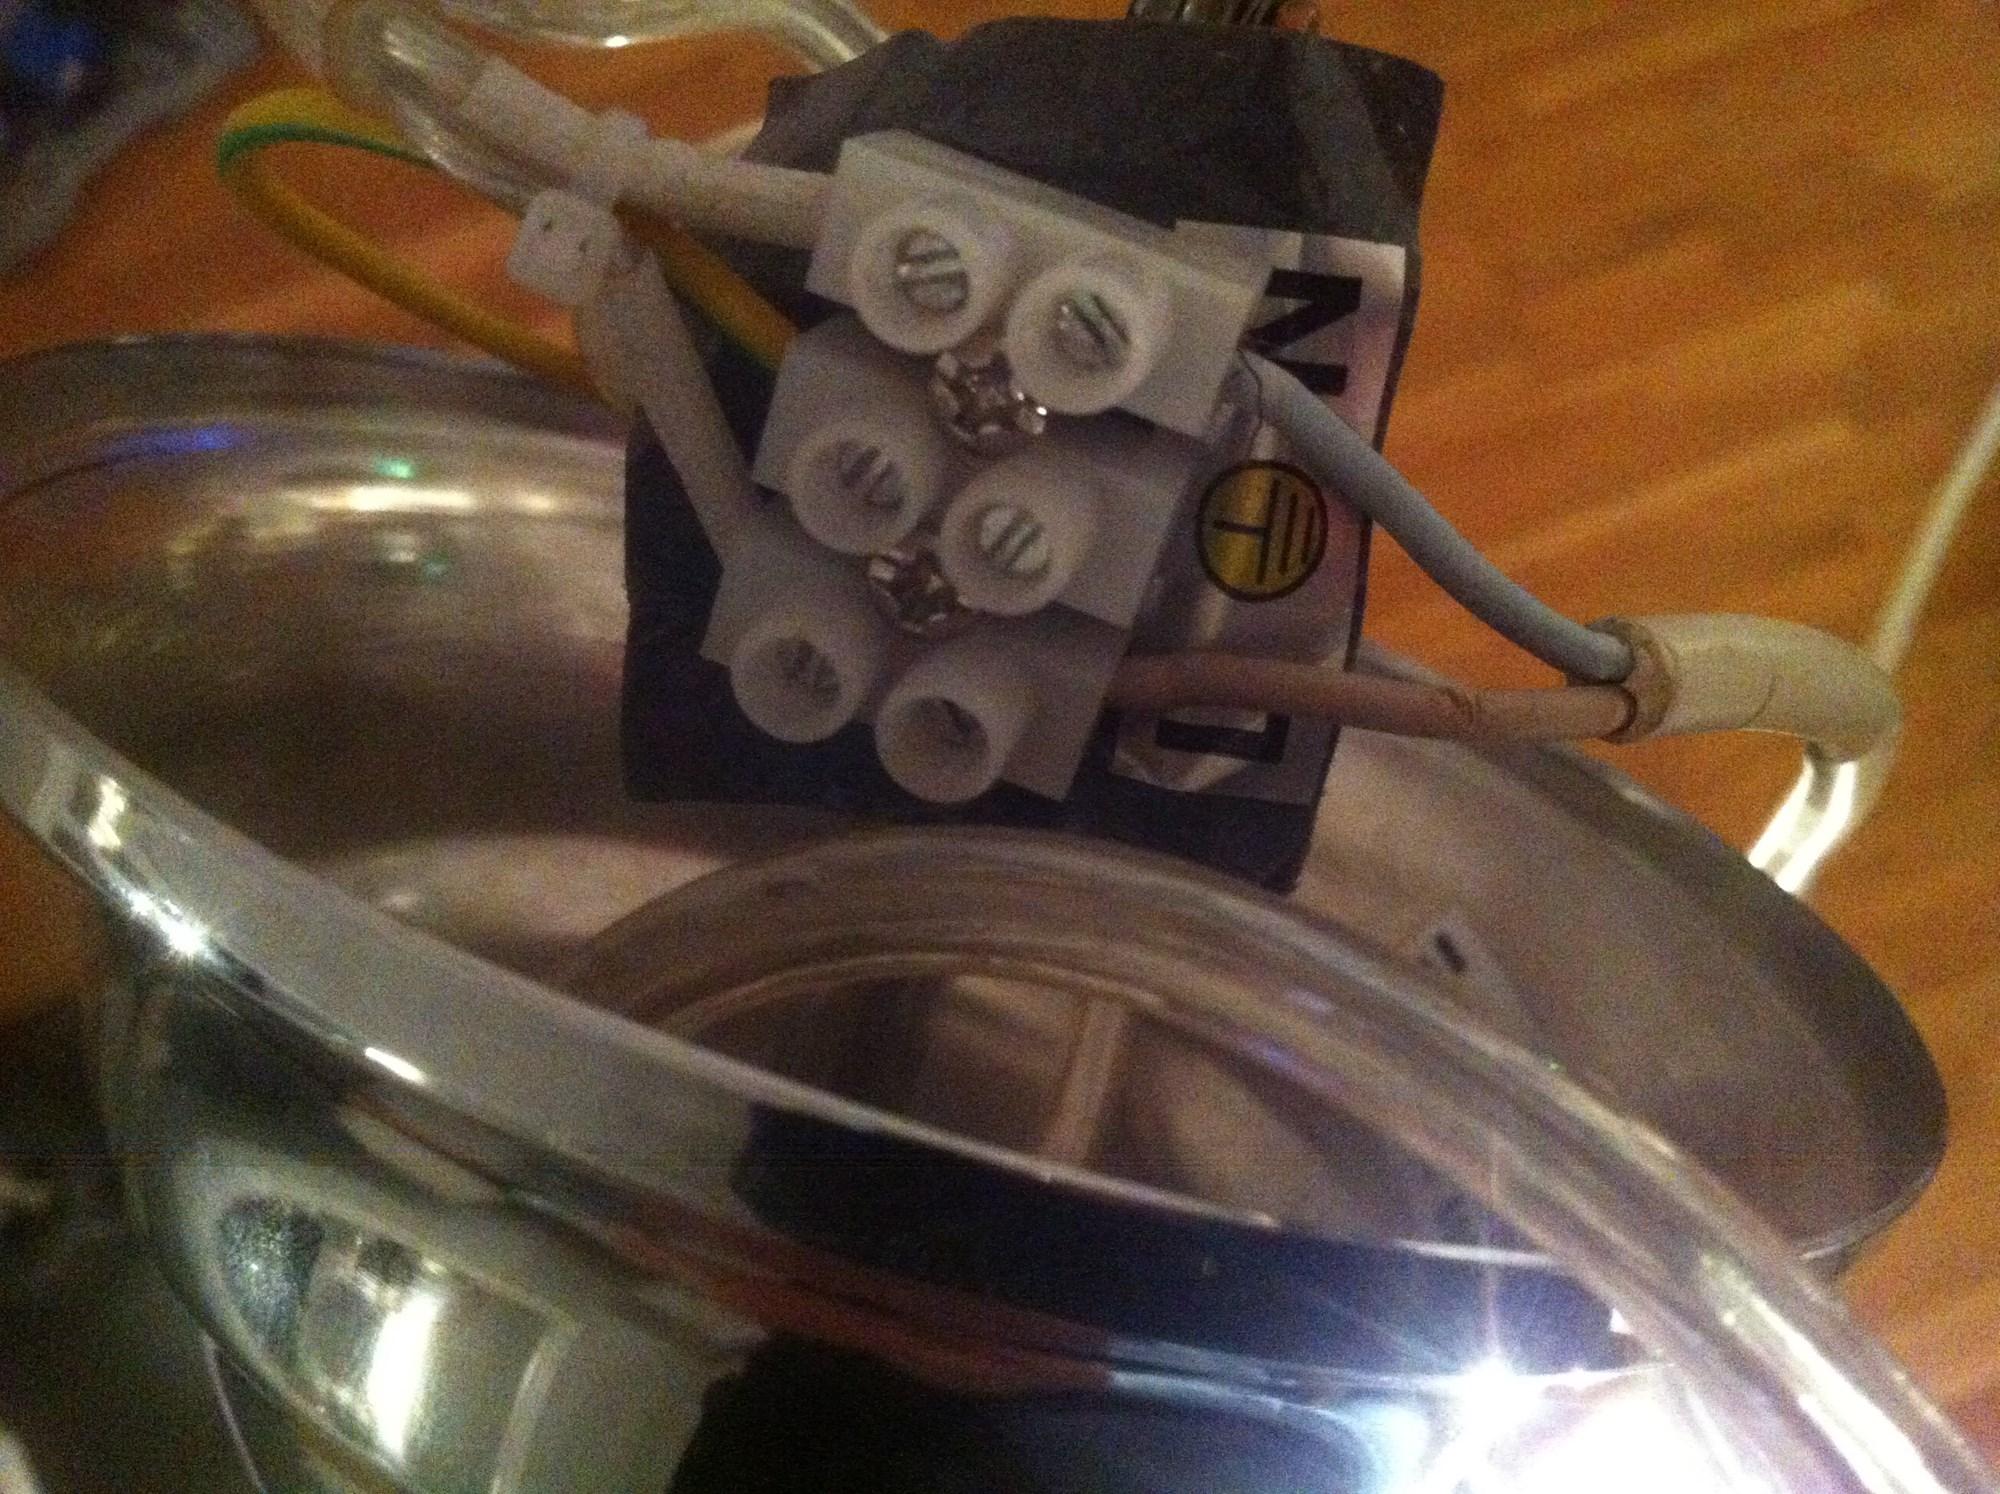 Elektriker sa jeg kunne montere taklampe selv..hvordan